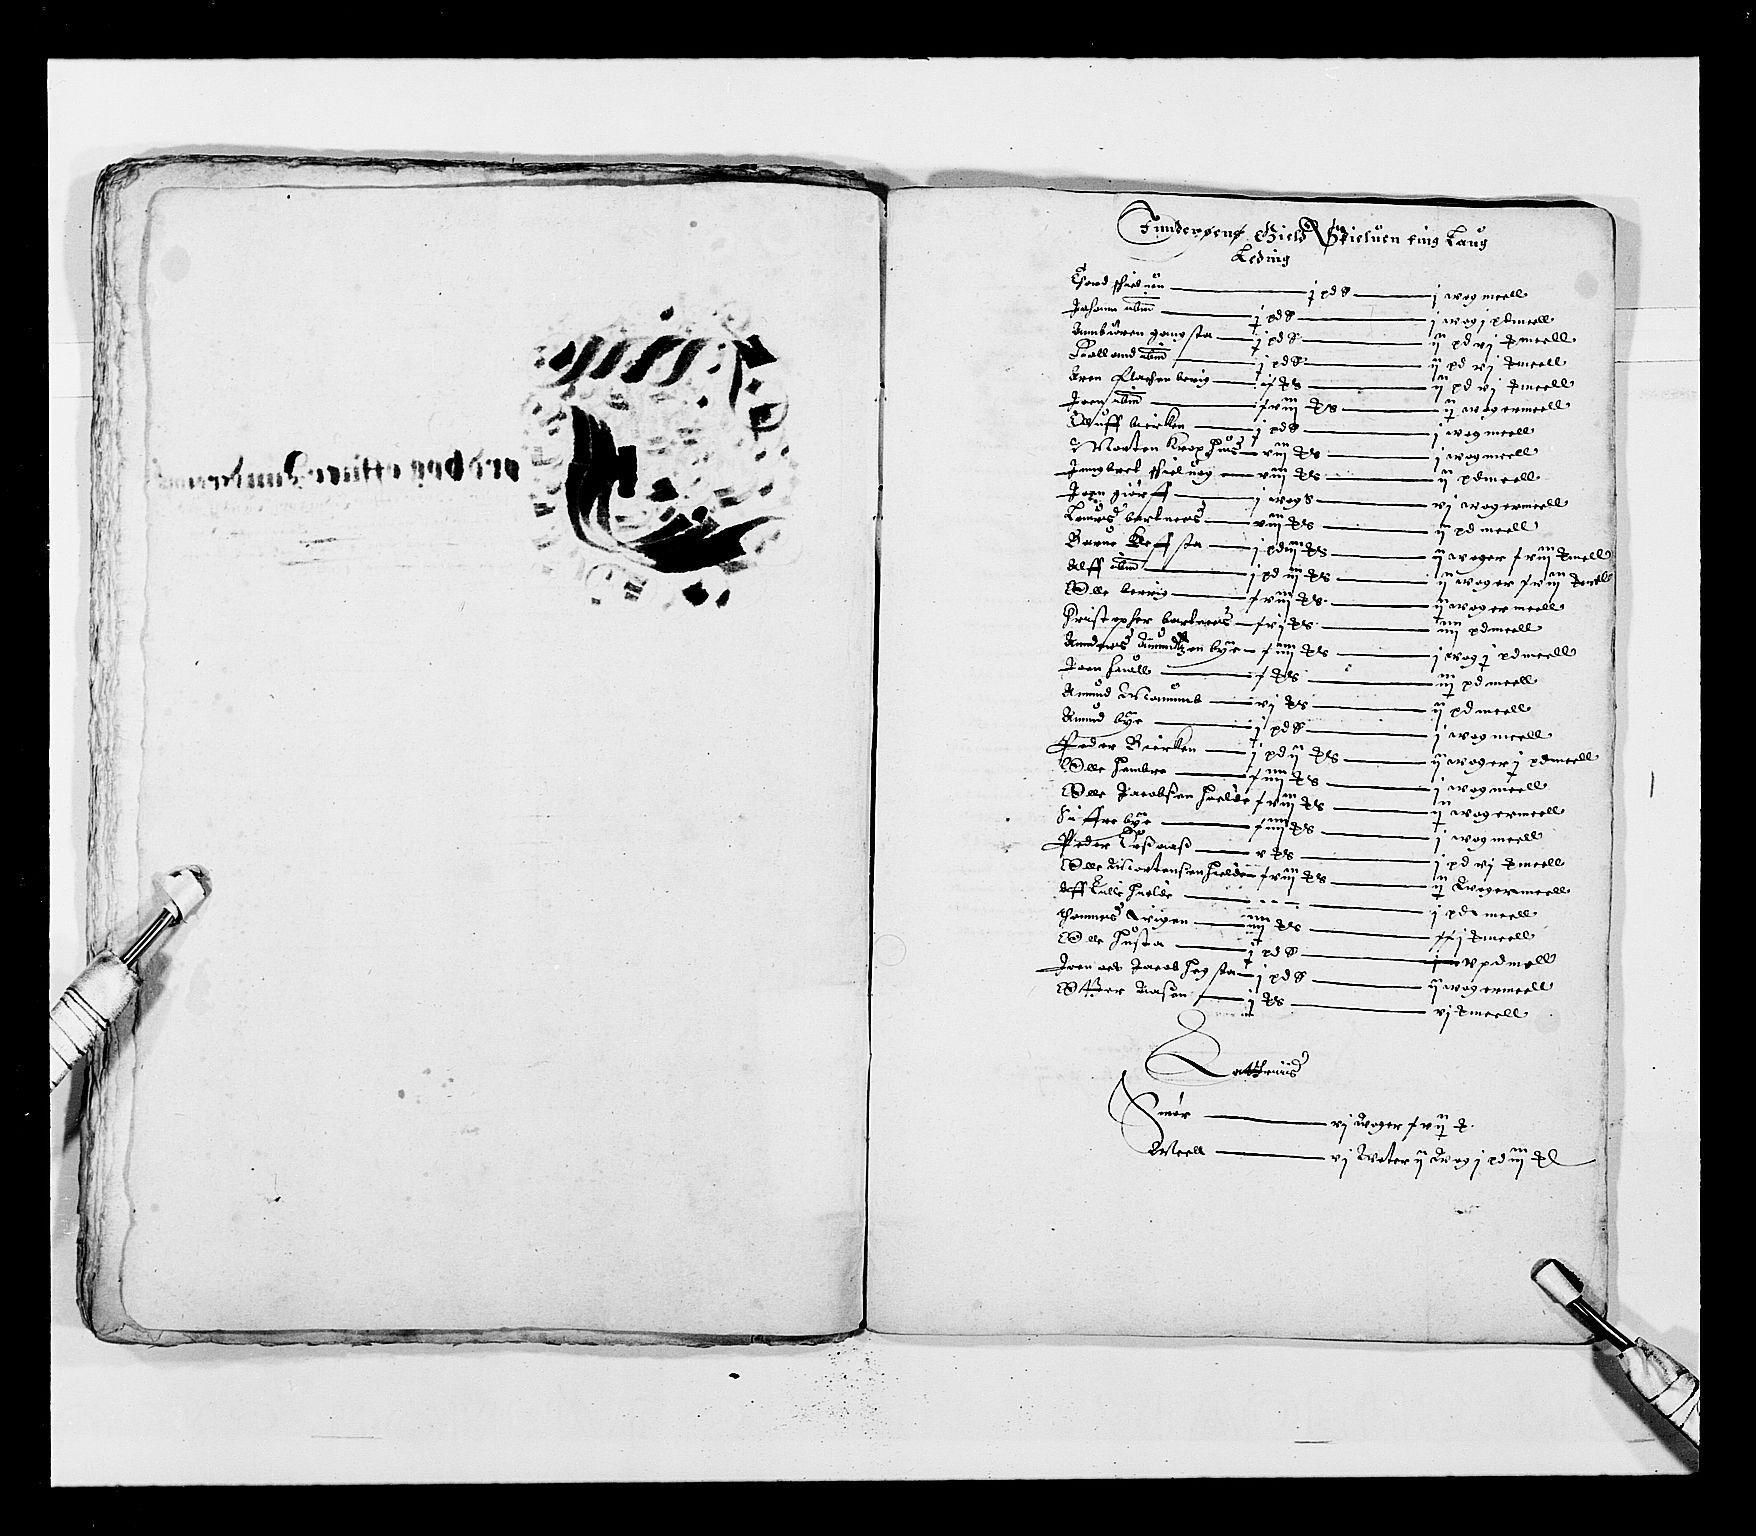 RA, Stattholderembetet 1572-1771, Ek/L0028: Jordebøker 1633-1658:, 1645-1646, s. 106